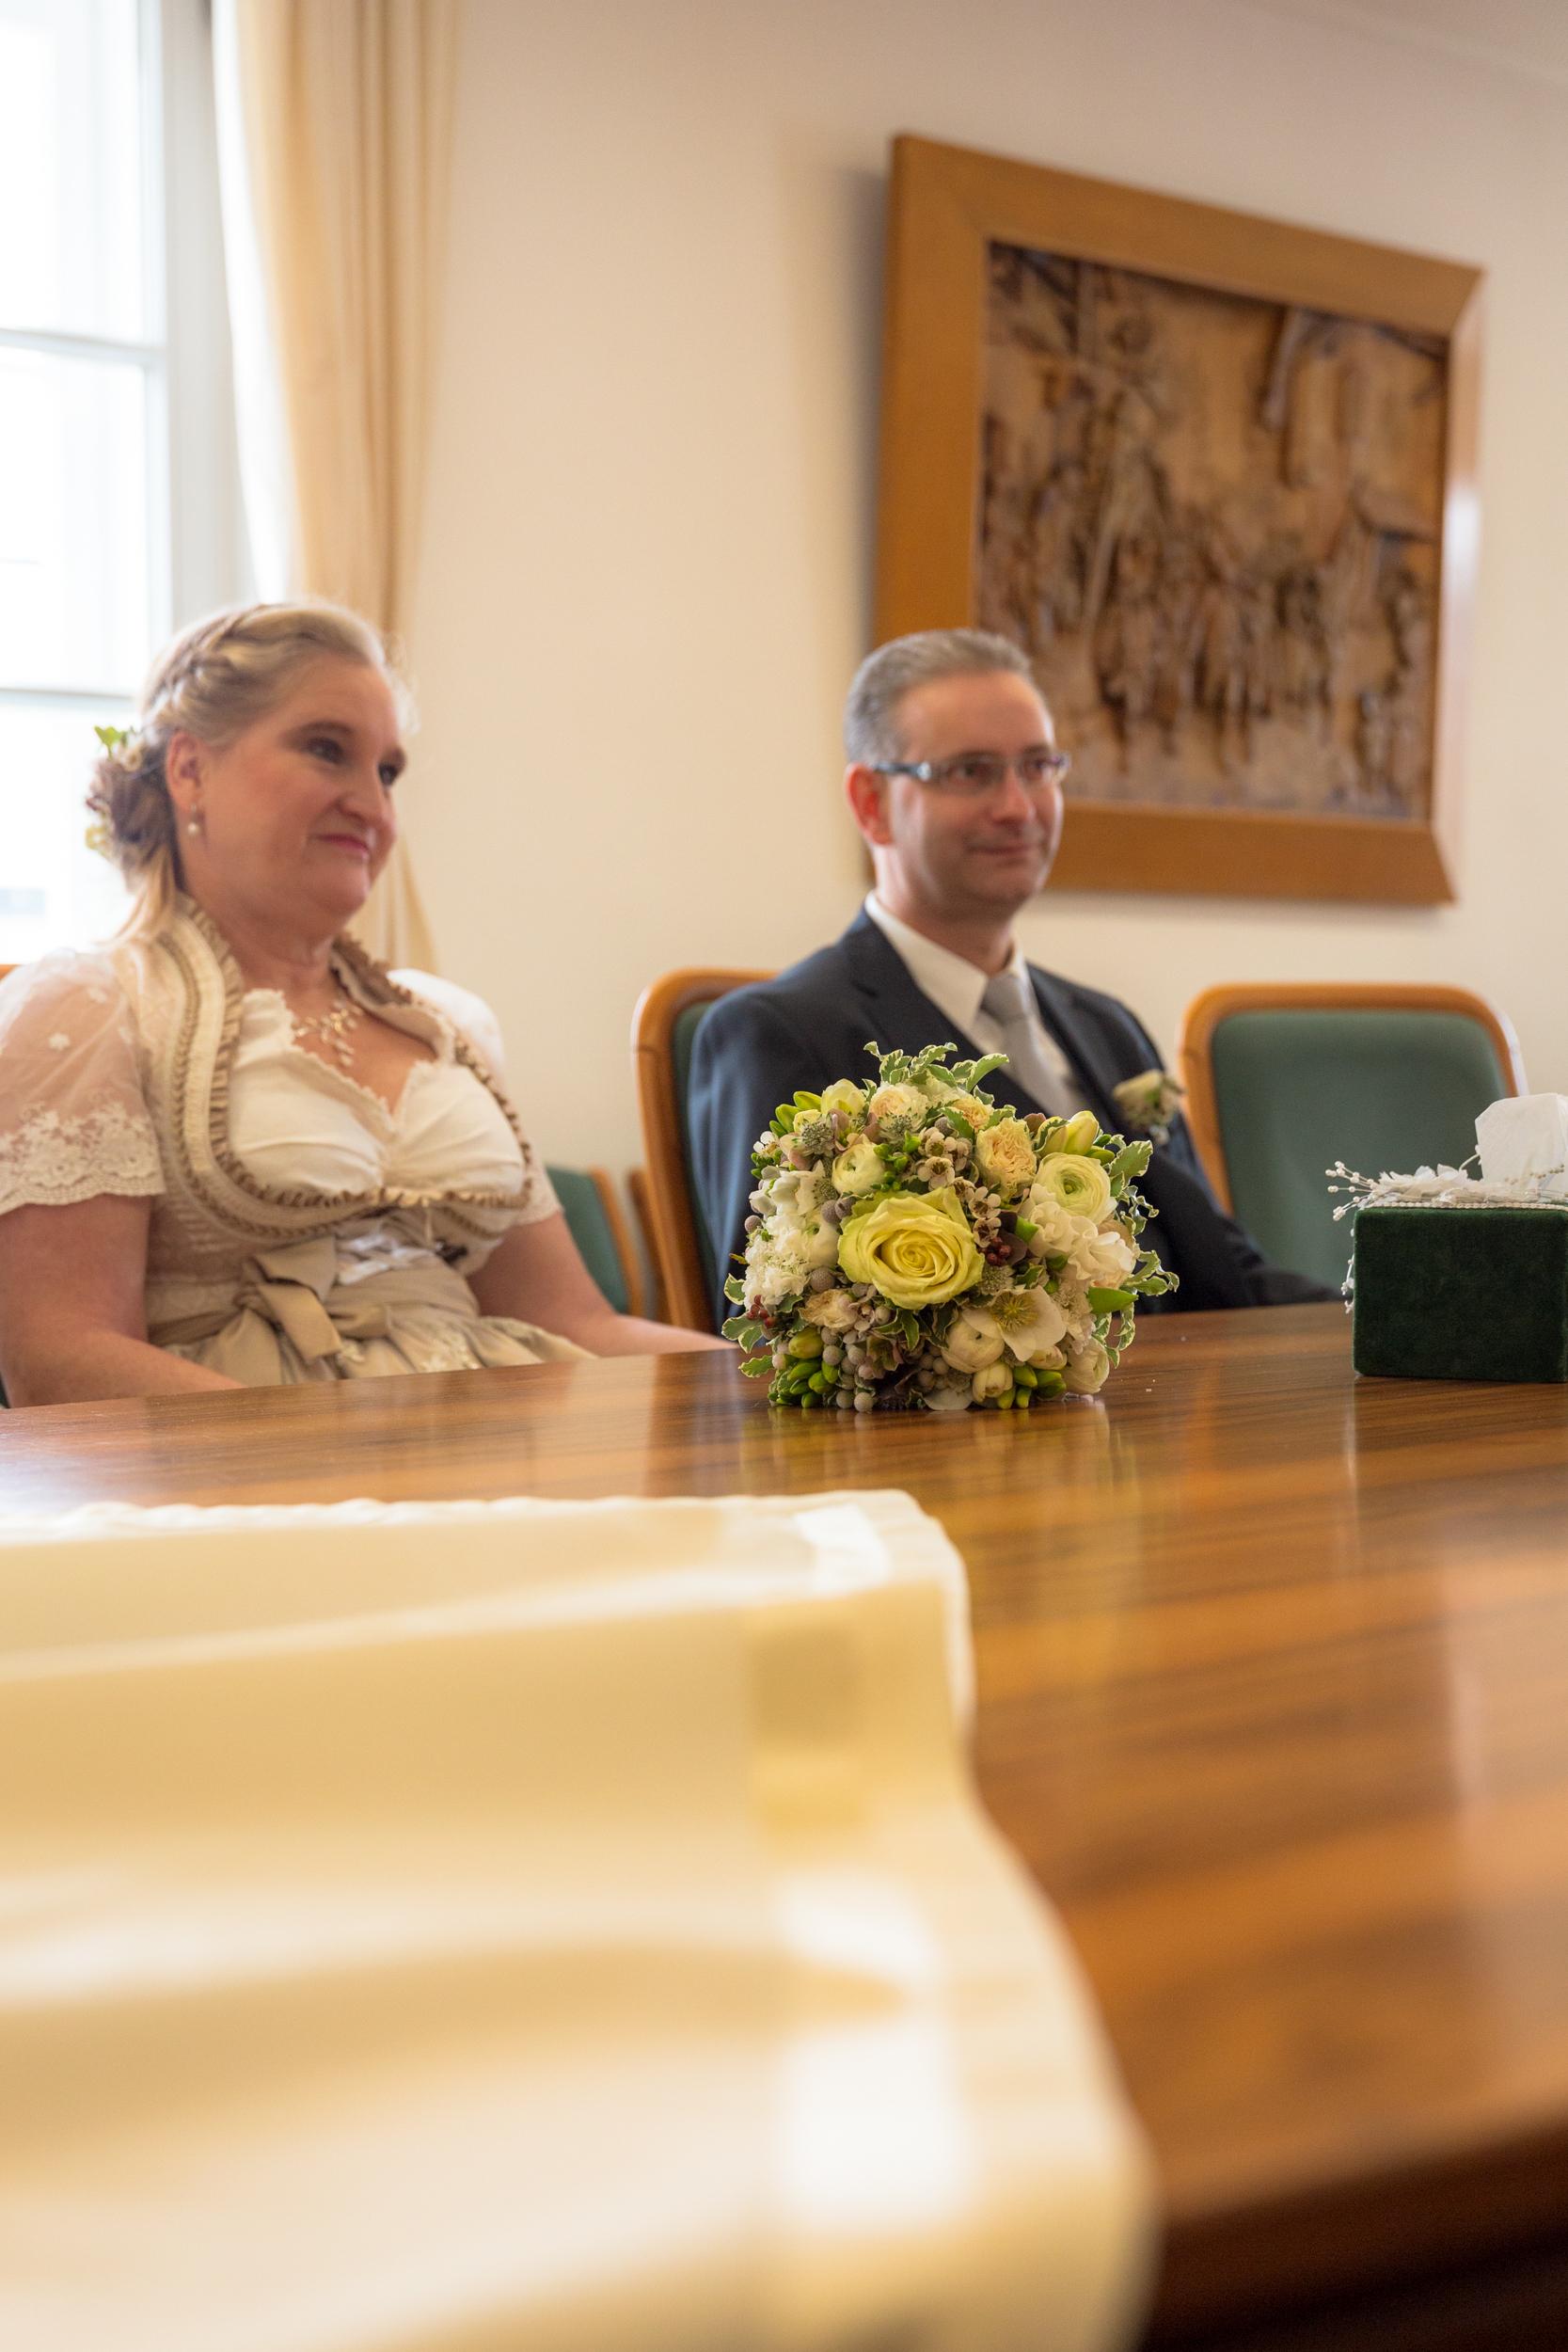 20190212_Hochzeit Koenig_0098.jpg